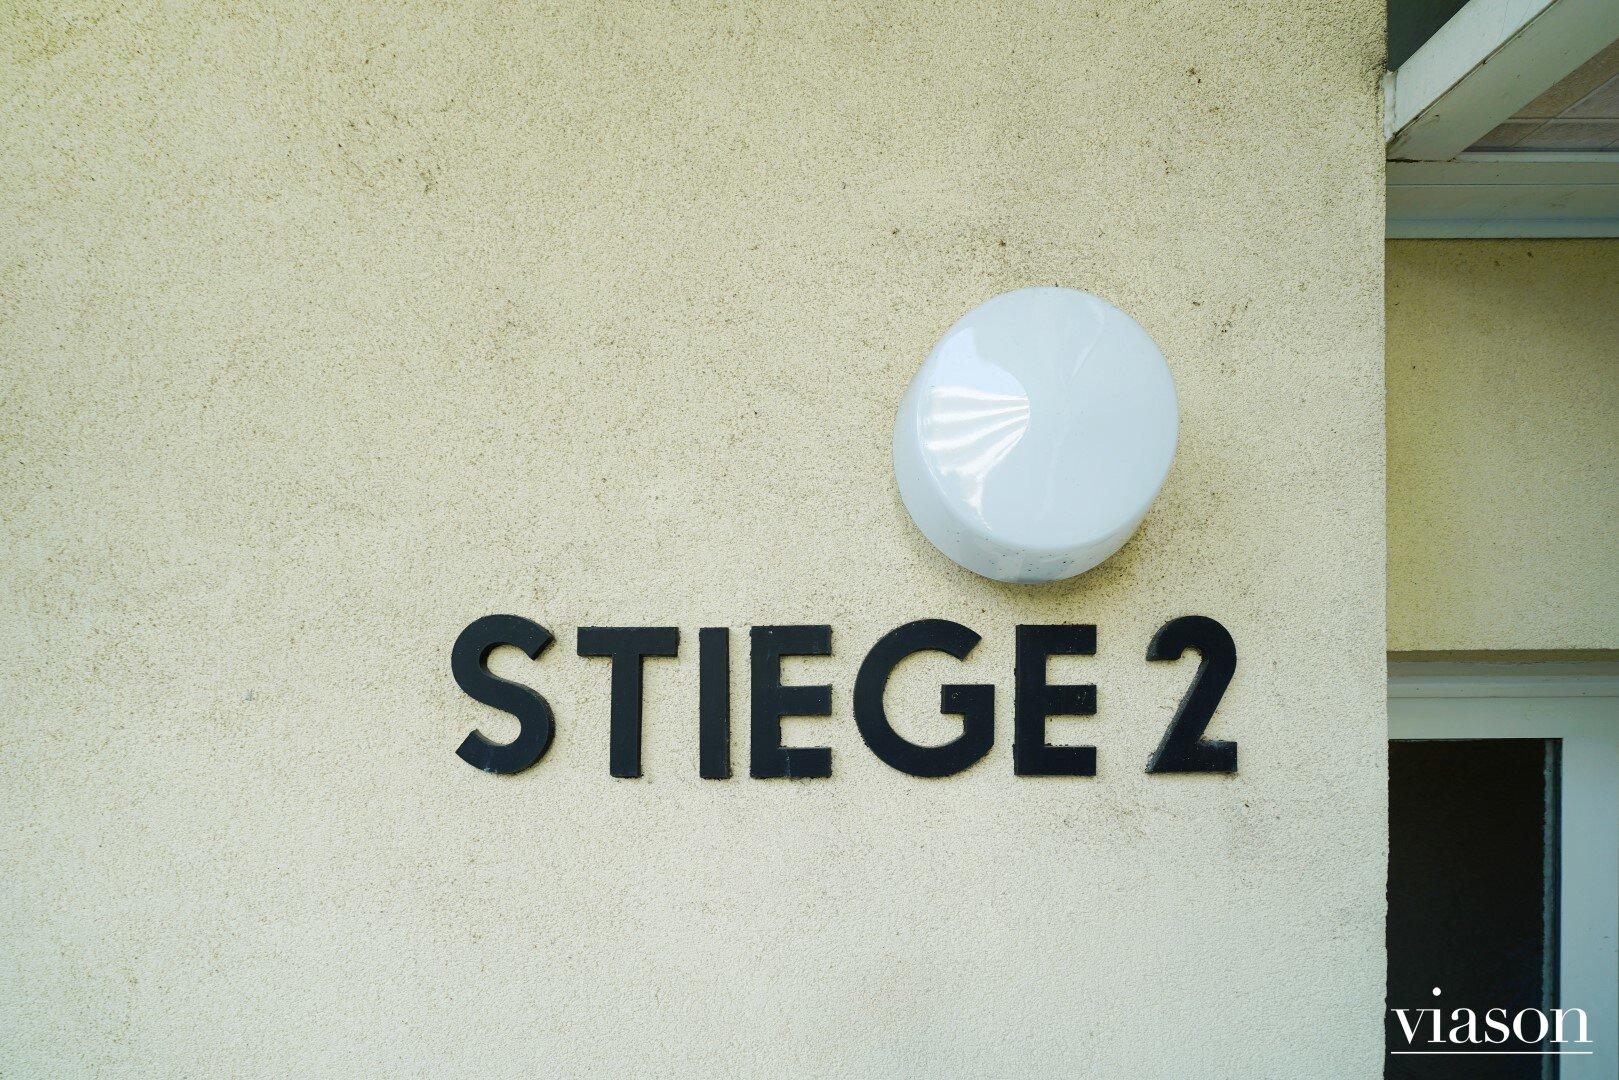 Stiege 2